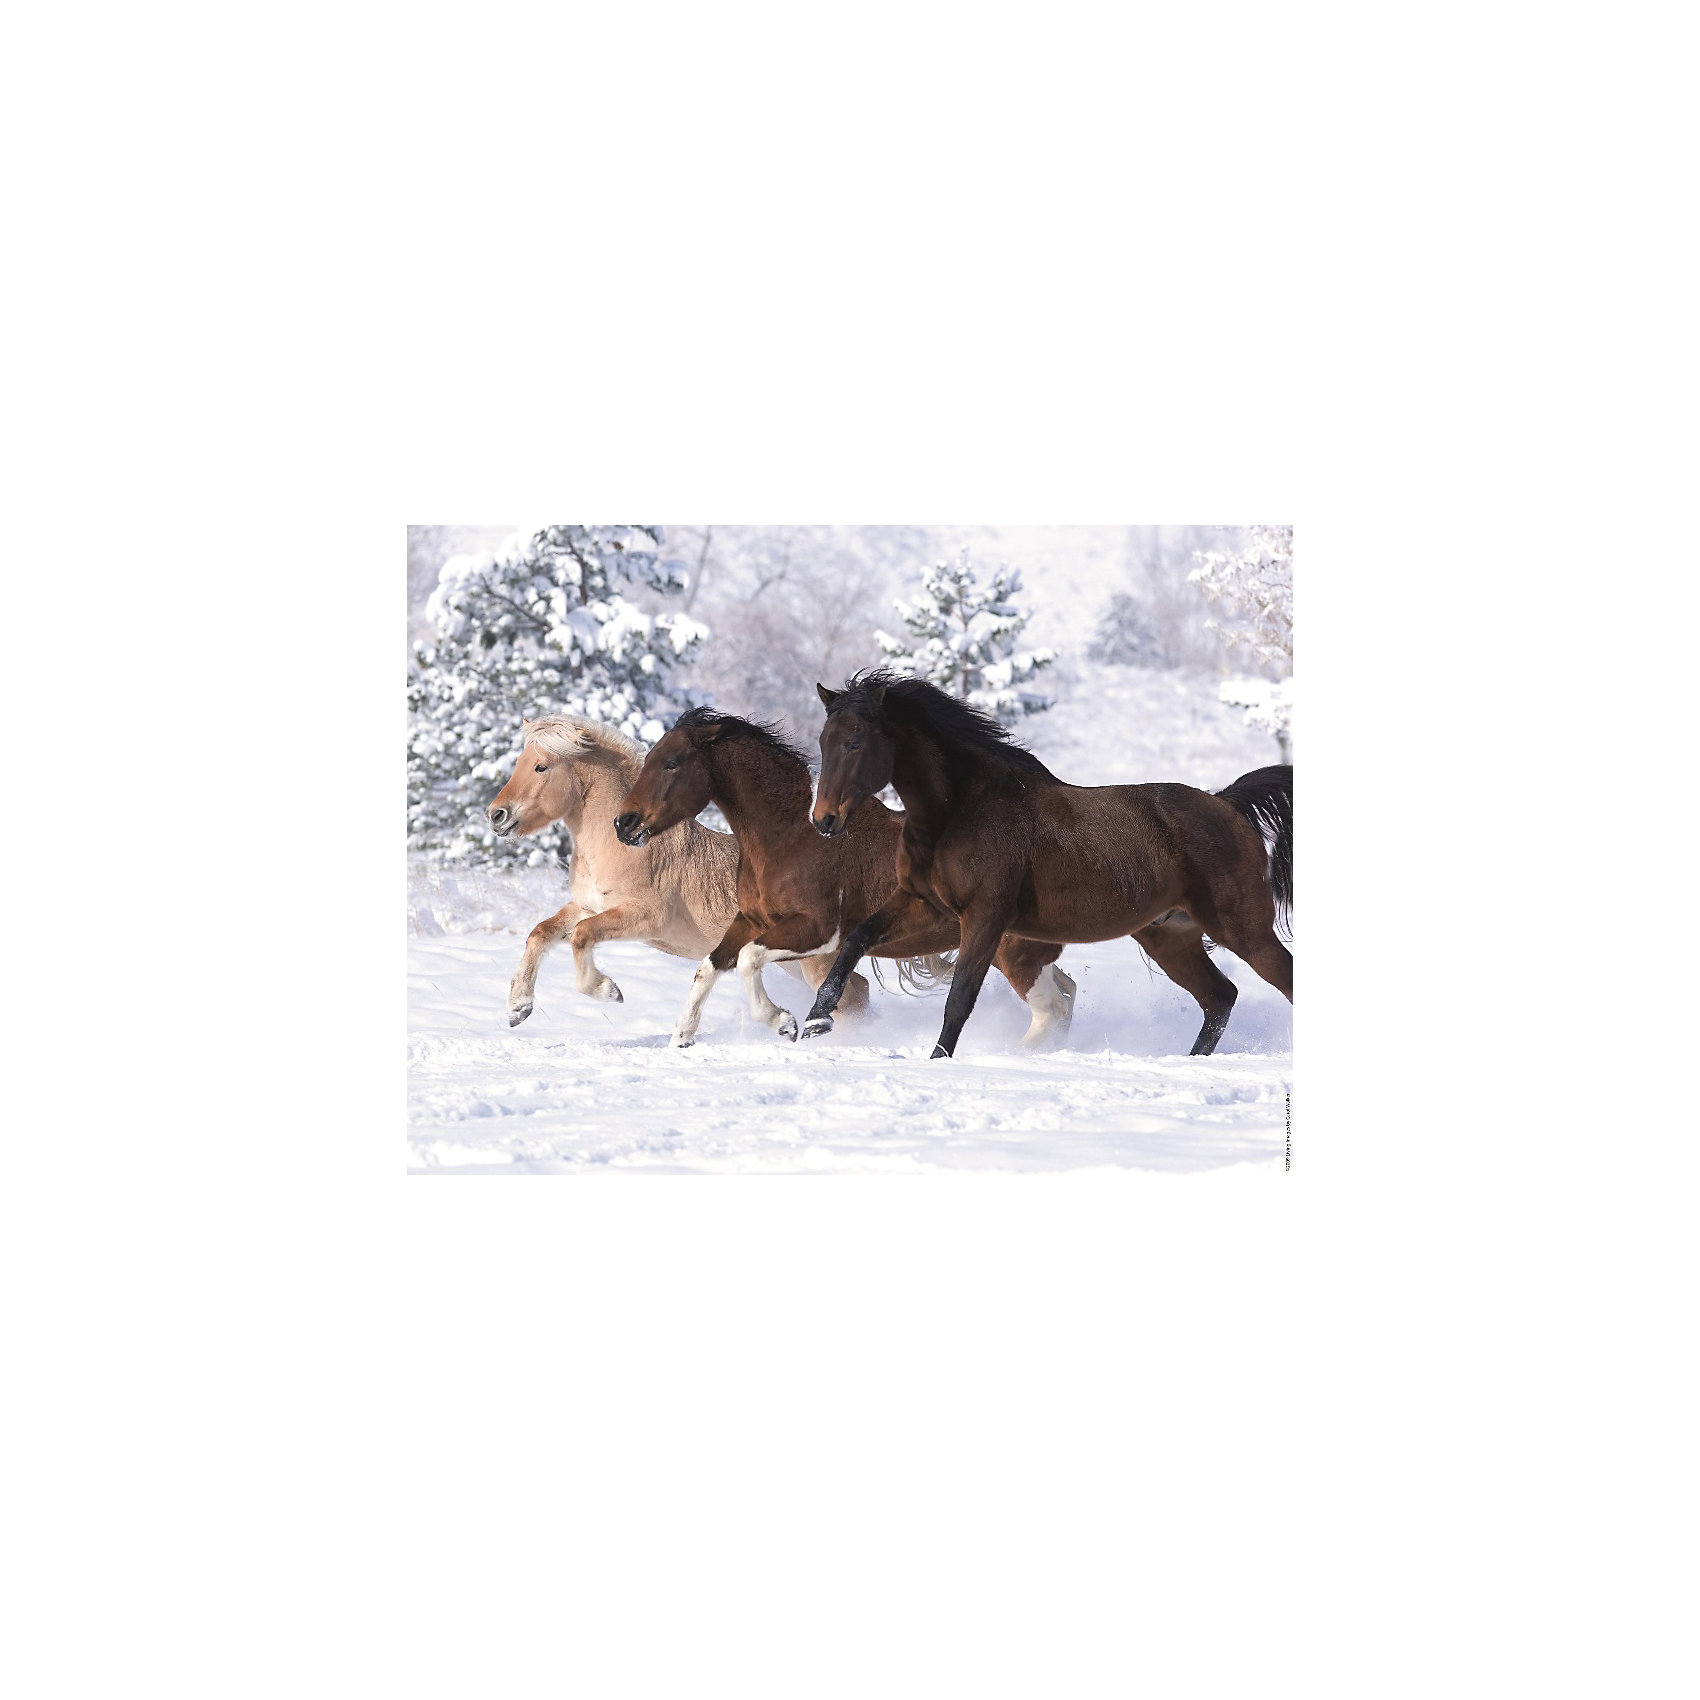 Пазл «Галопом по снегу» 500 деталей, RavensburgerКлассические пазлы<br>Пазл «Галопом по снегу» 500 деталей, Ravensburger (Равенсбургер) – это пазл отличного качества с яркими красками и реалистичной картинкой.<br>Собрав пазл «Галопом по снегу» вы получите замечательный постер с изображением тройки лошадей, скачущих вдоль заснеженного леса. Каждая деталь пазла имеет свою форму и подходит только на свое место. Нет двух одинаковых деталей! Пазл изготовлен из картона высочайшего качества. Softclick технология гарантирует 100% соединение деталей. Детали не деформируются и не расслаиваются при сборке. Матовая поверхность приятна на ощупь и не отбрасывает блики на свету. Все изображения аккуратно отсканированы и напечатаны на ламинированной бумаге. Пазл - великолепная игра для семейного досуга. Сегодня собирание пазлов стало особенно популярным, главным образом, благодаря своей многообразной тематике, способной удовлетворить самый взыскательный вкус. А для детей это не только интересно, но и полезно. Собирание пазла развивает мелкую моторику у ребенка, тренирует наблюдательность, логическое мышление, знакомит с окружающим миром, с цветом и разнообразными формами.<br><br>Дополнительная информация:<br><br>- Количество деталей: 500 шт.<br>- Размер картинки: 49 х 36 см.<br>- Материал: картон<br>- Размер упаковки: 34 х 23 х 4 см.<br>- Вес: 579 гр.<br><br>Пазл «Галопом по снегу» 500 деталей, Ravensburger (Равенсбургер) можно купить в нашем интернет-магазине.<br><br>Ширина мм: 340<br>Глубина мм: 230<br>Высота мм: 40<br>Вес г: 579<br>Возраст от месяцев: 96<br>Возраст до месяцев: 192<br>Пол: Унисекс<br>Возраст: Детский<br>Количество деталей: 500<br>SKU: 4214574